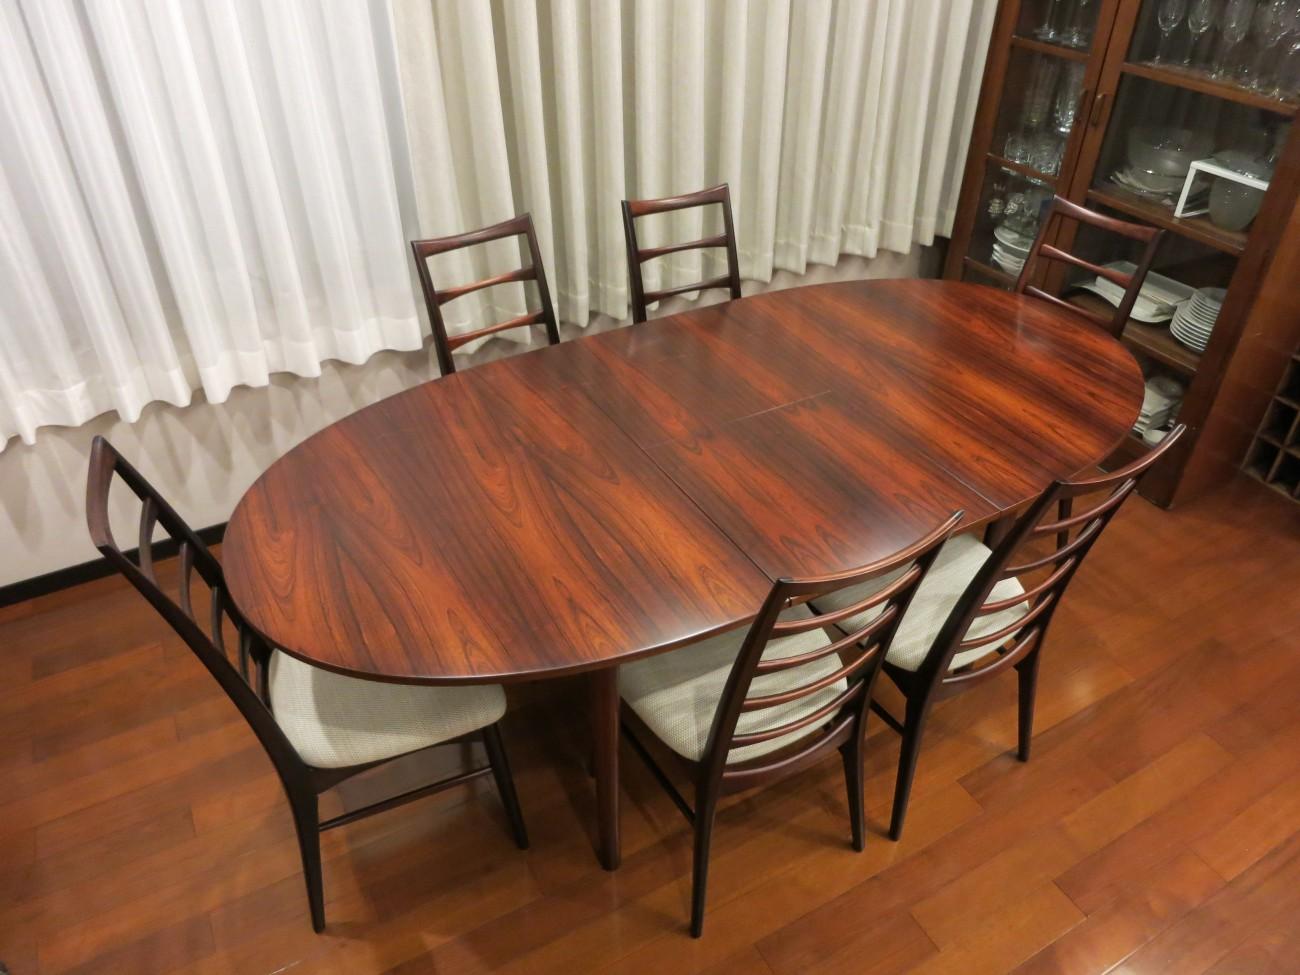 ニールス・コフォード Liz ローズウッドチェアとエクステンションダイニングテーブル A.H.McINTOSH(マッキントッシュ) & CO LTD KIRKCALDY SCOTLAND ビンテージ北欧家具のセットのお部屋での写真1